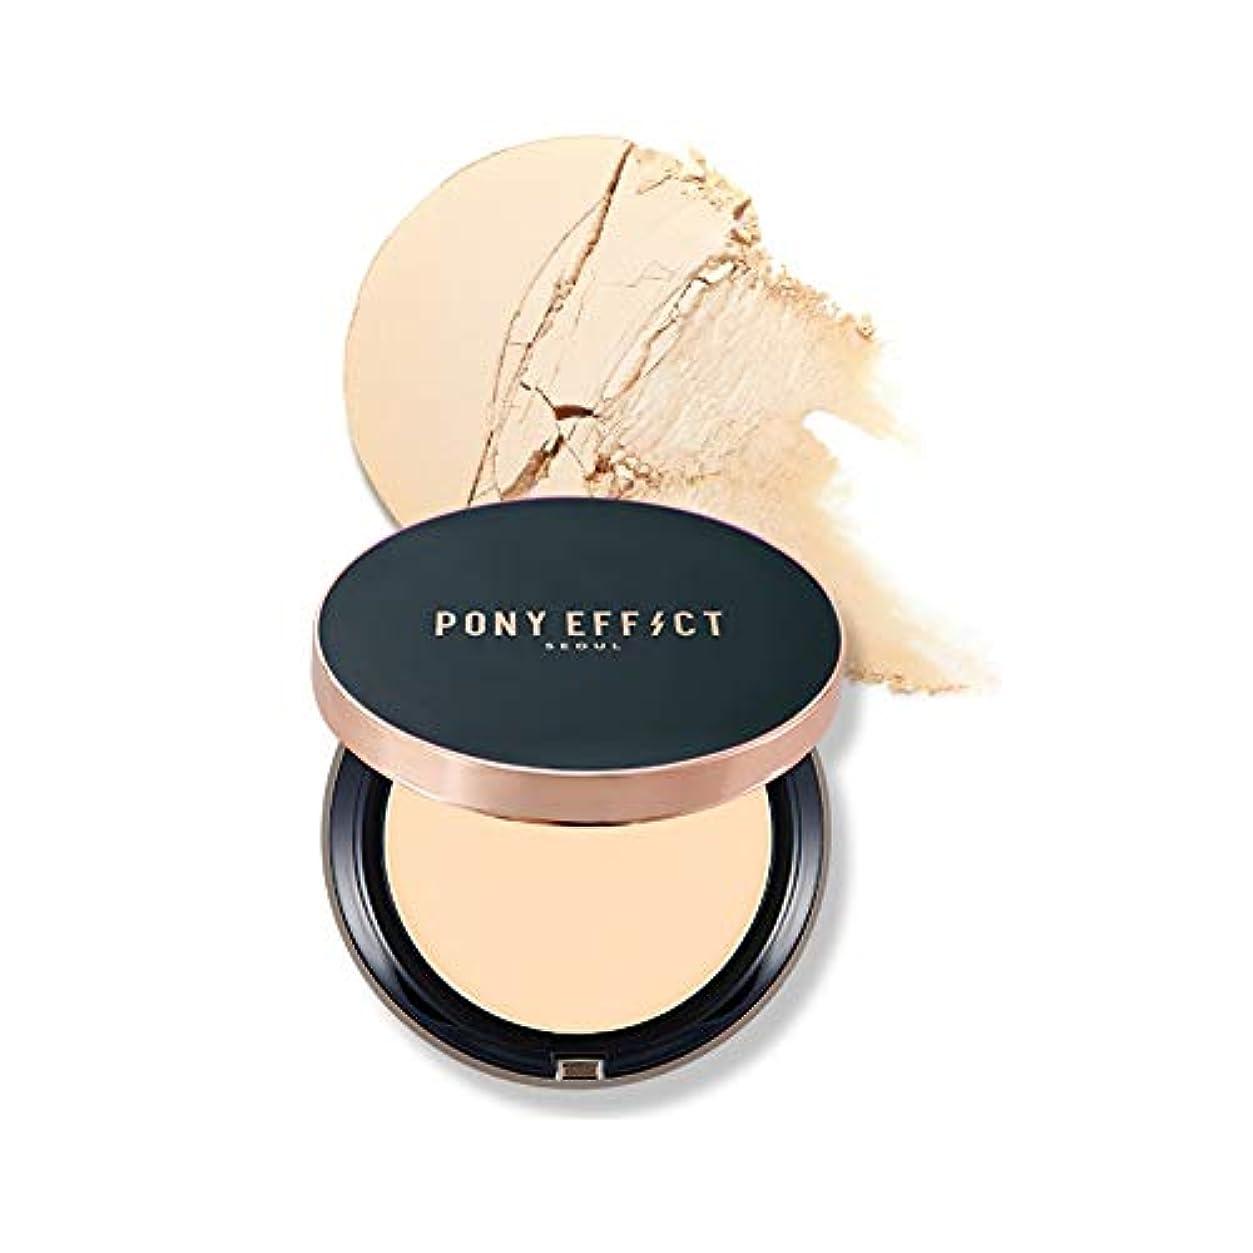 なのでバルブ地図[1+1] [ギフト付き] Pony Effect ポニー エフェクト カバー フィット パウダー ファンデーション SPF40/PA +++ / Pony Effect Cover Fit Powder Foundation...